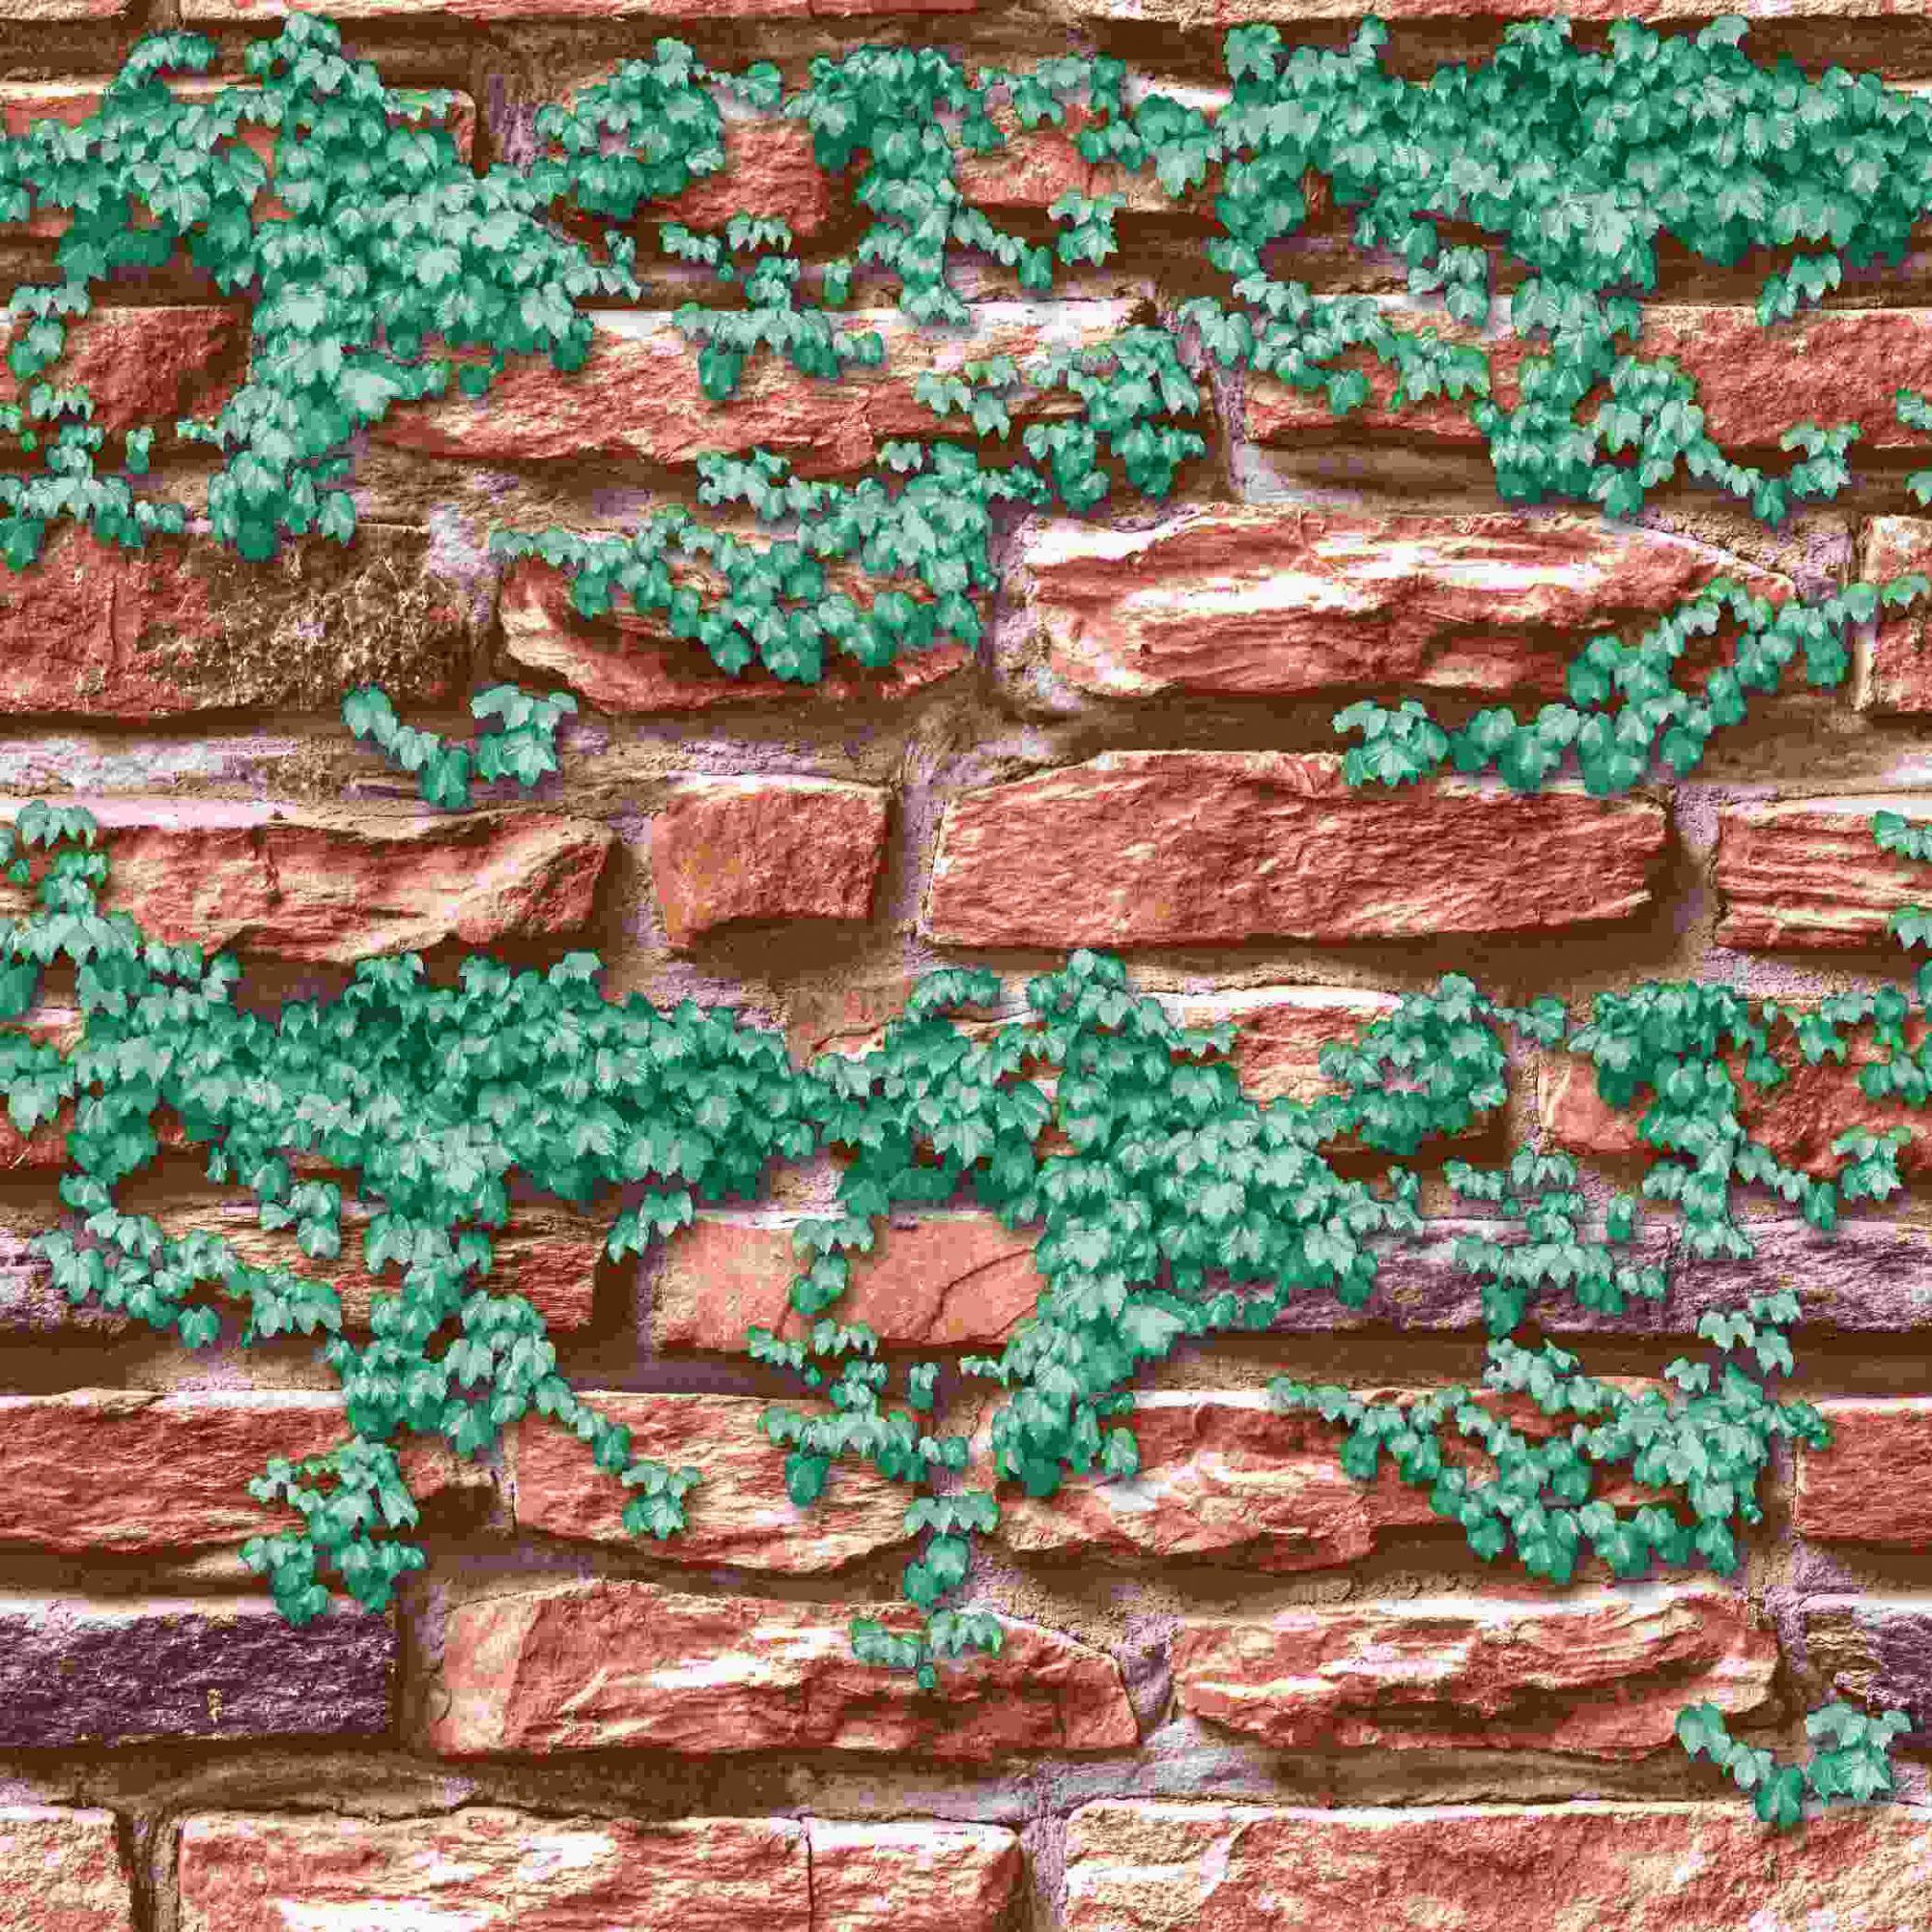 Papel de Parede Kan Tai Vinílico Coleção Neonature 5 Pedra Avermelhado, Folhagem Verde